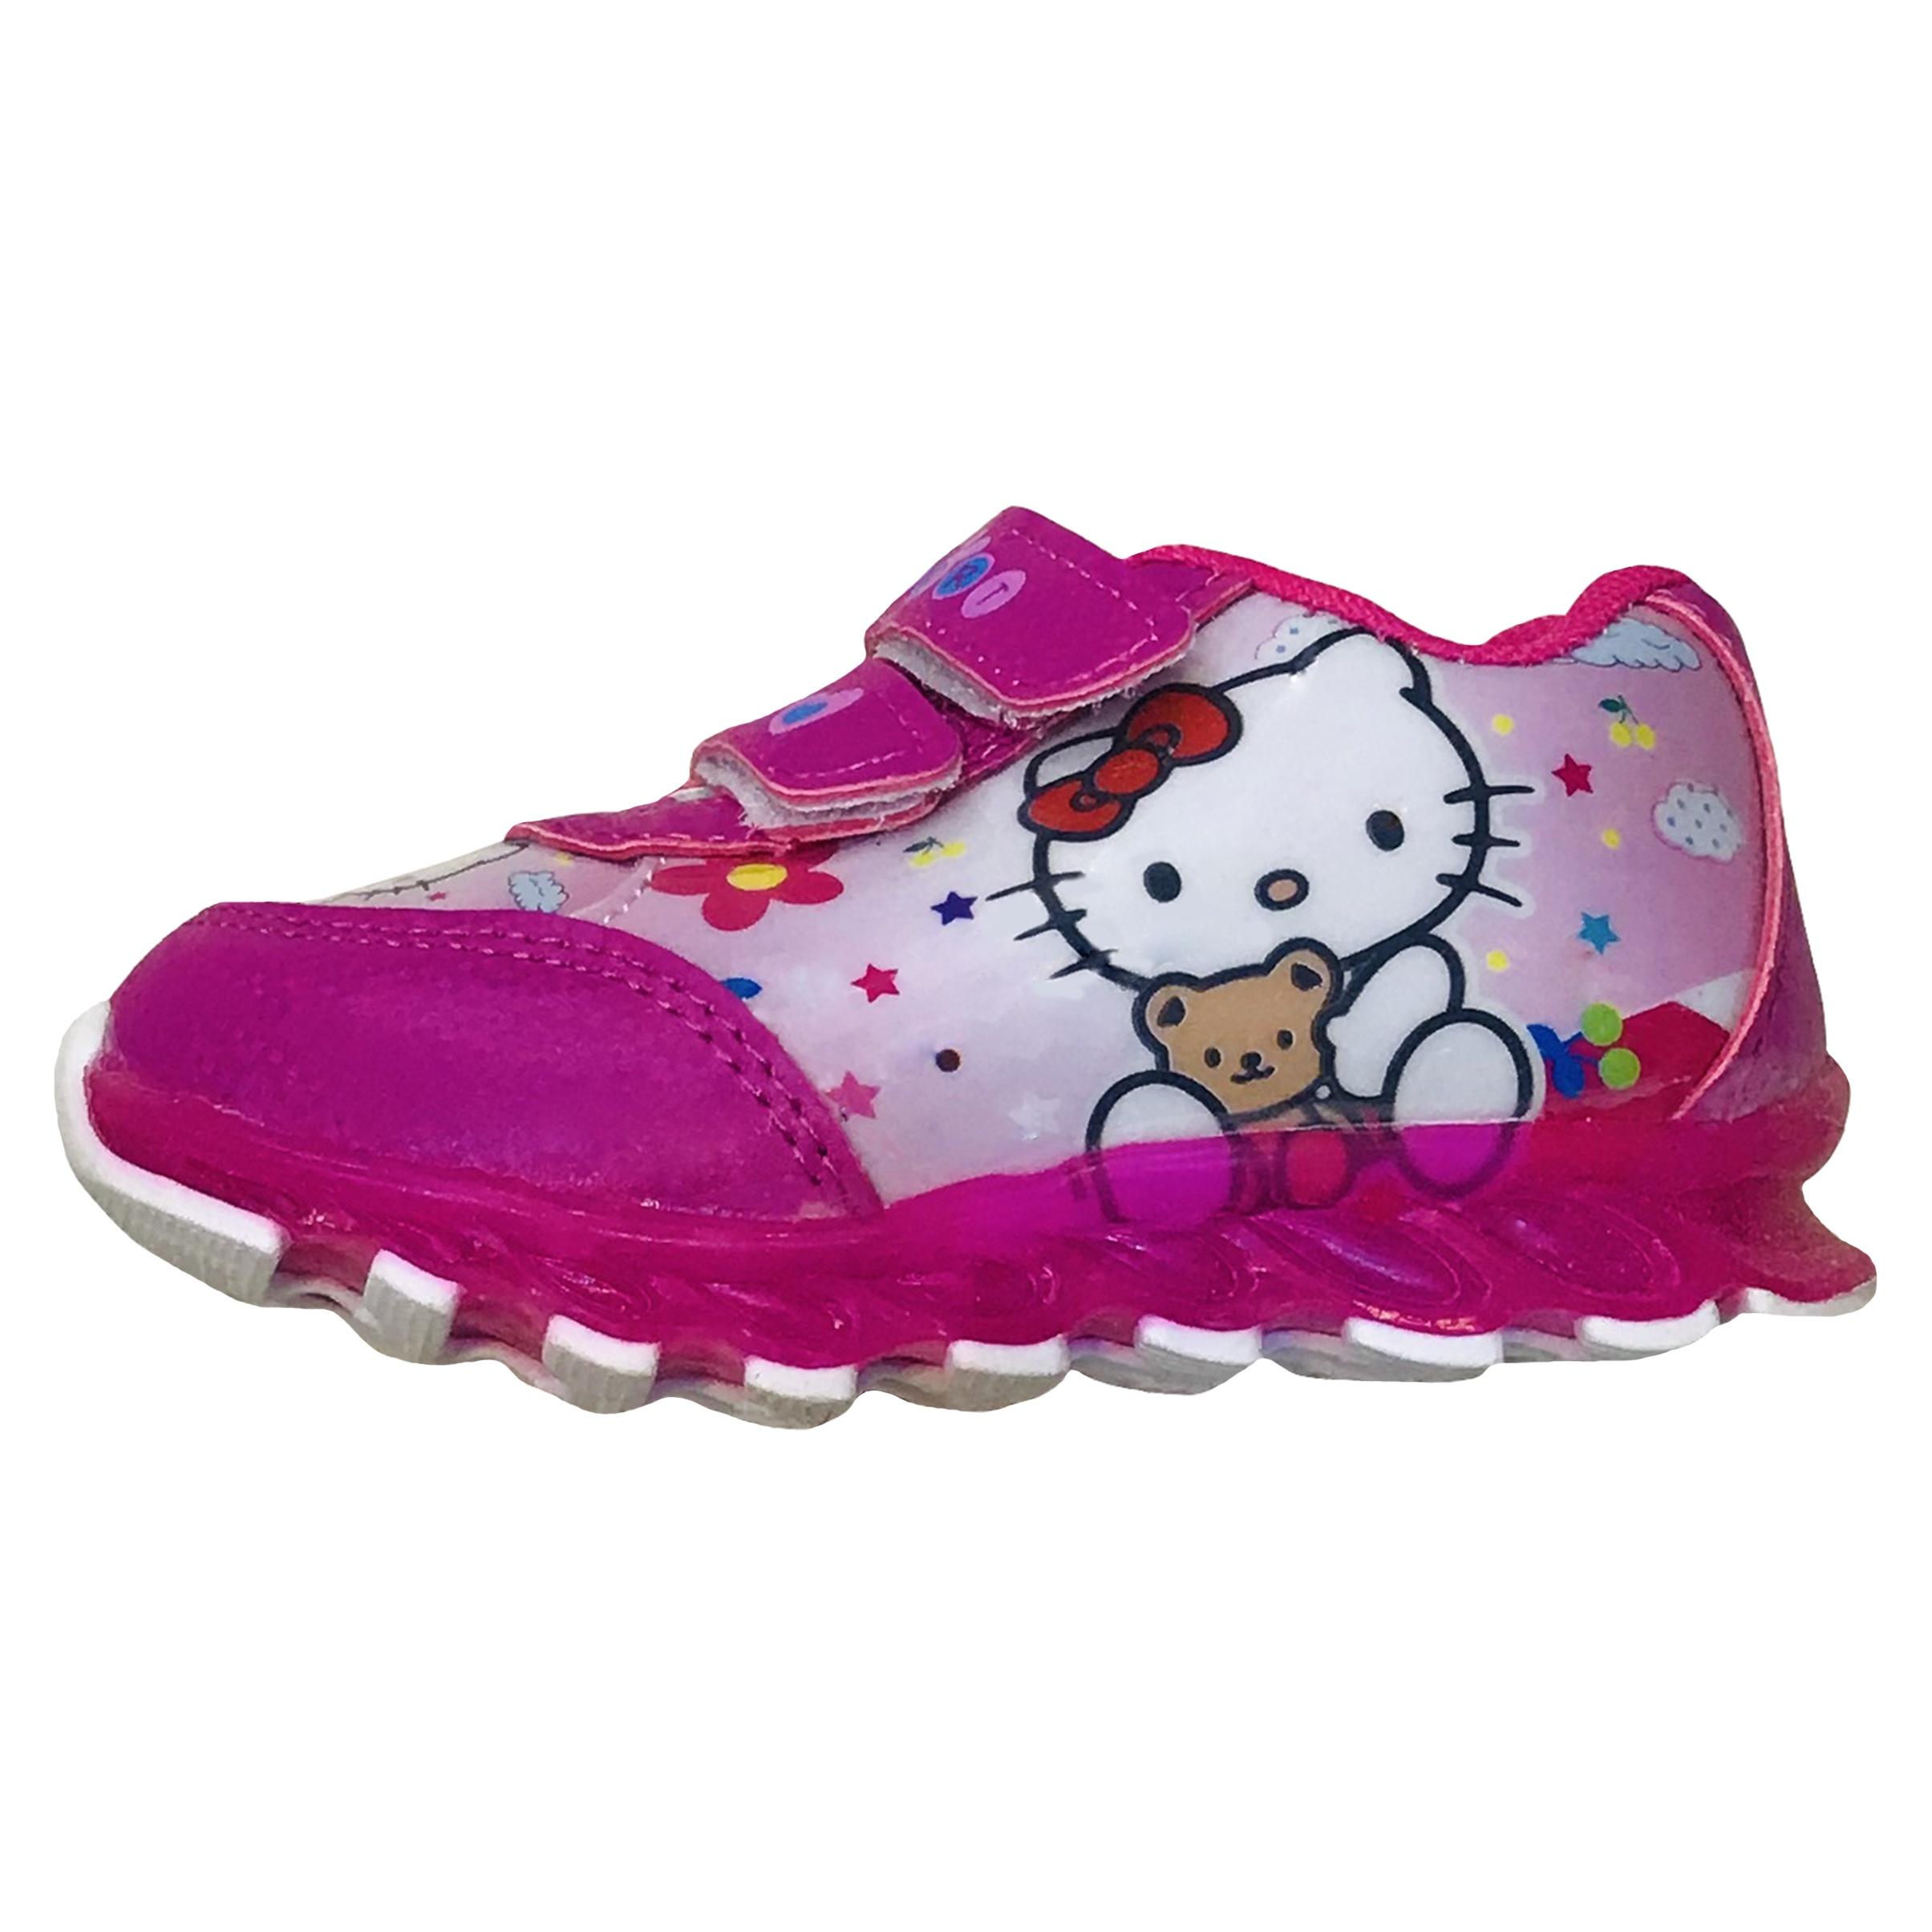 کفش  راحتی دخترانه طرح کیتی کد k2031